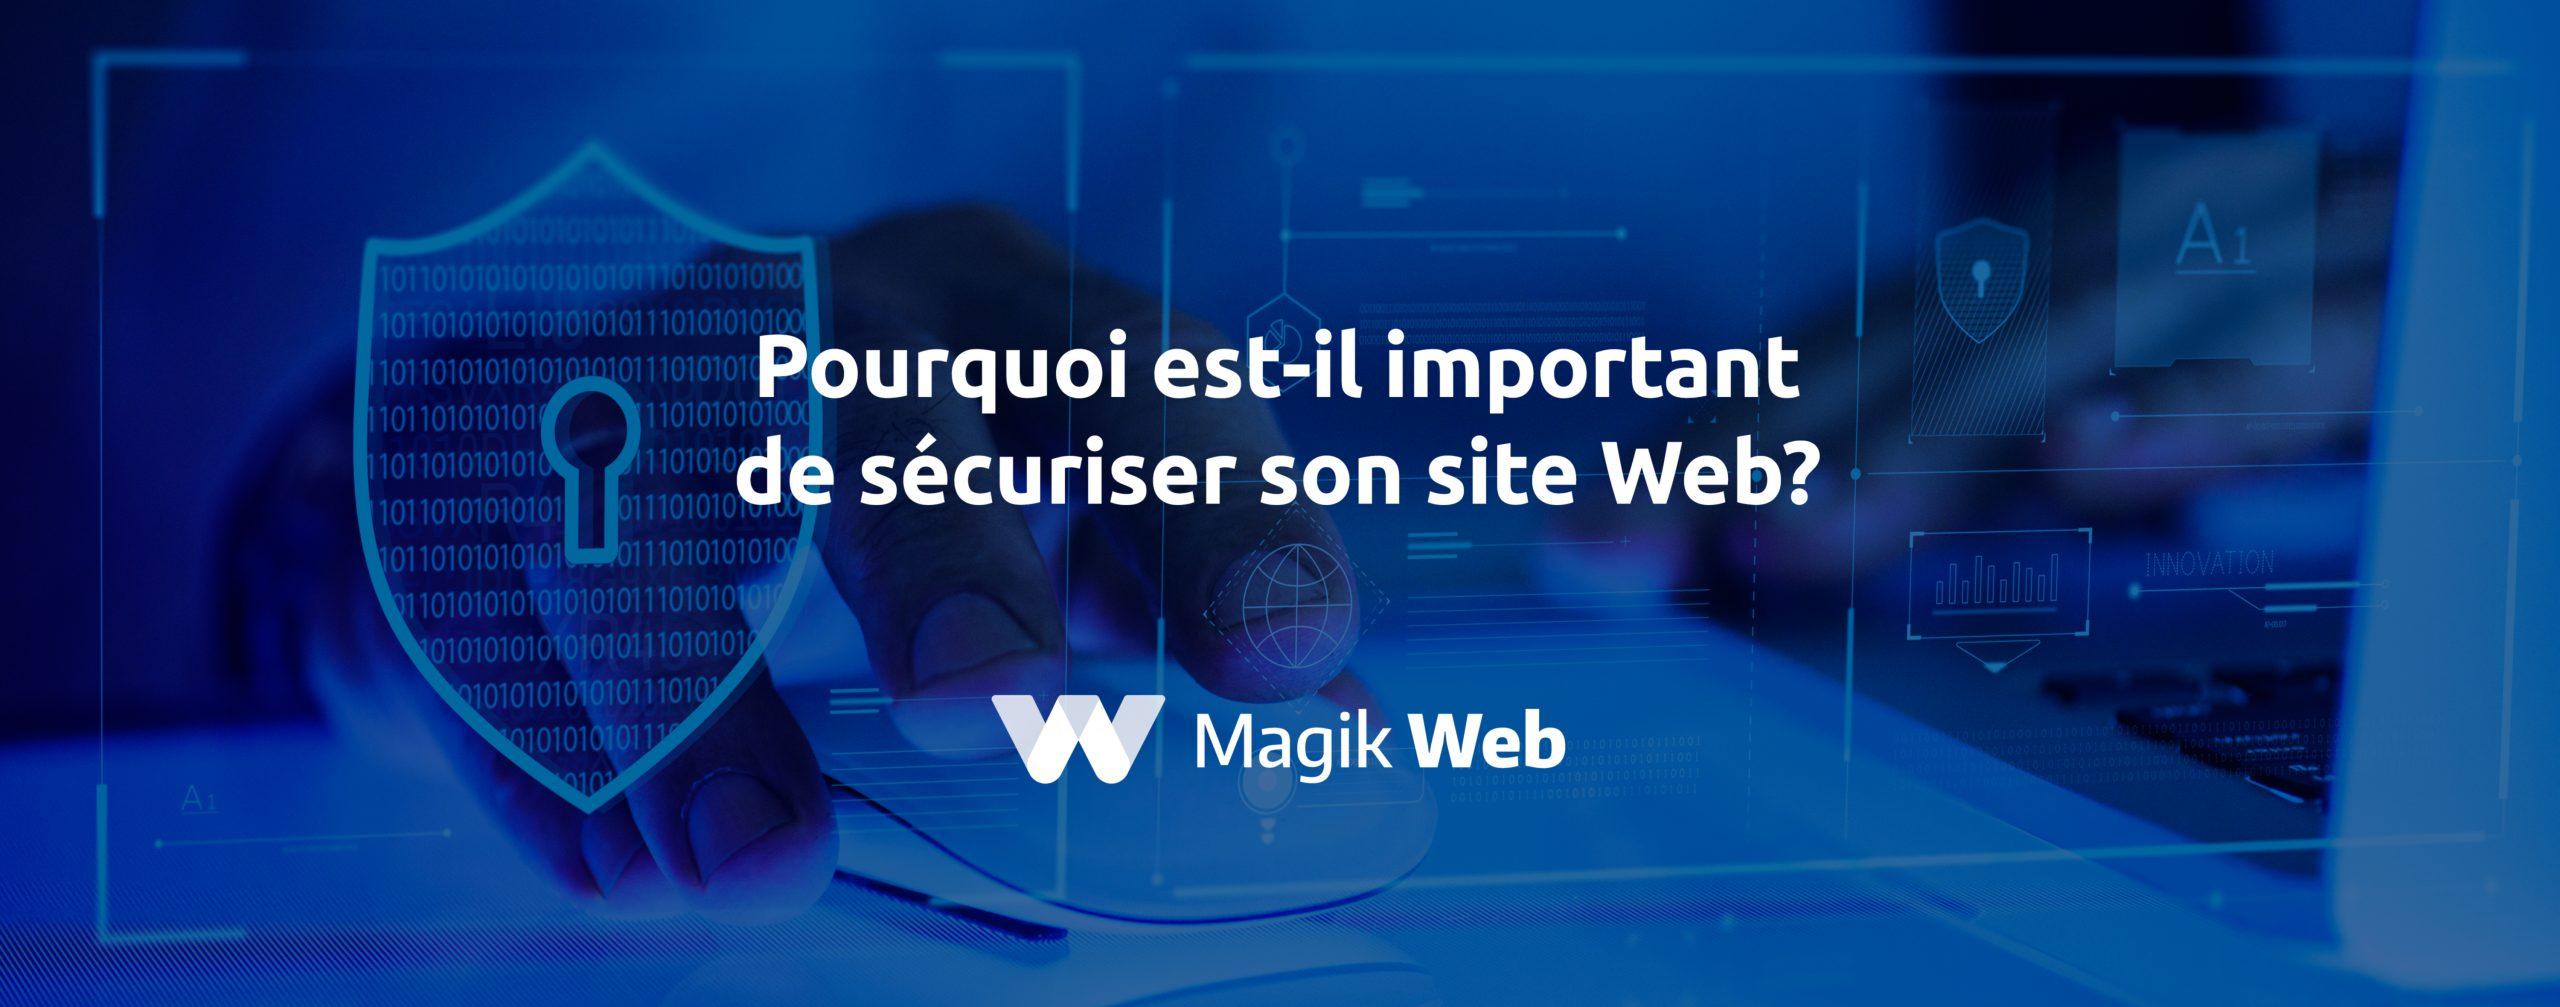 """Featured image for """"Pourquoi est-il important de sécuriser son site Web?"""""""